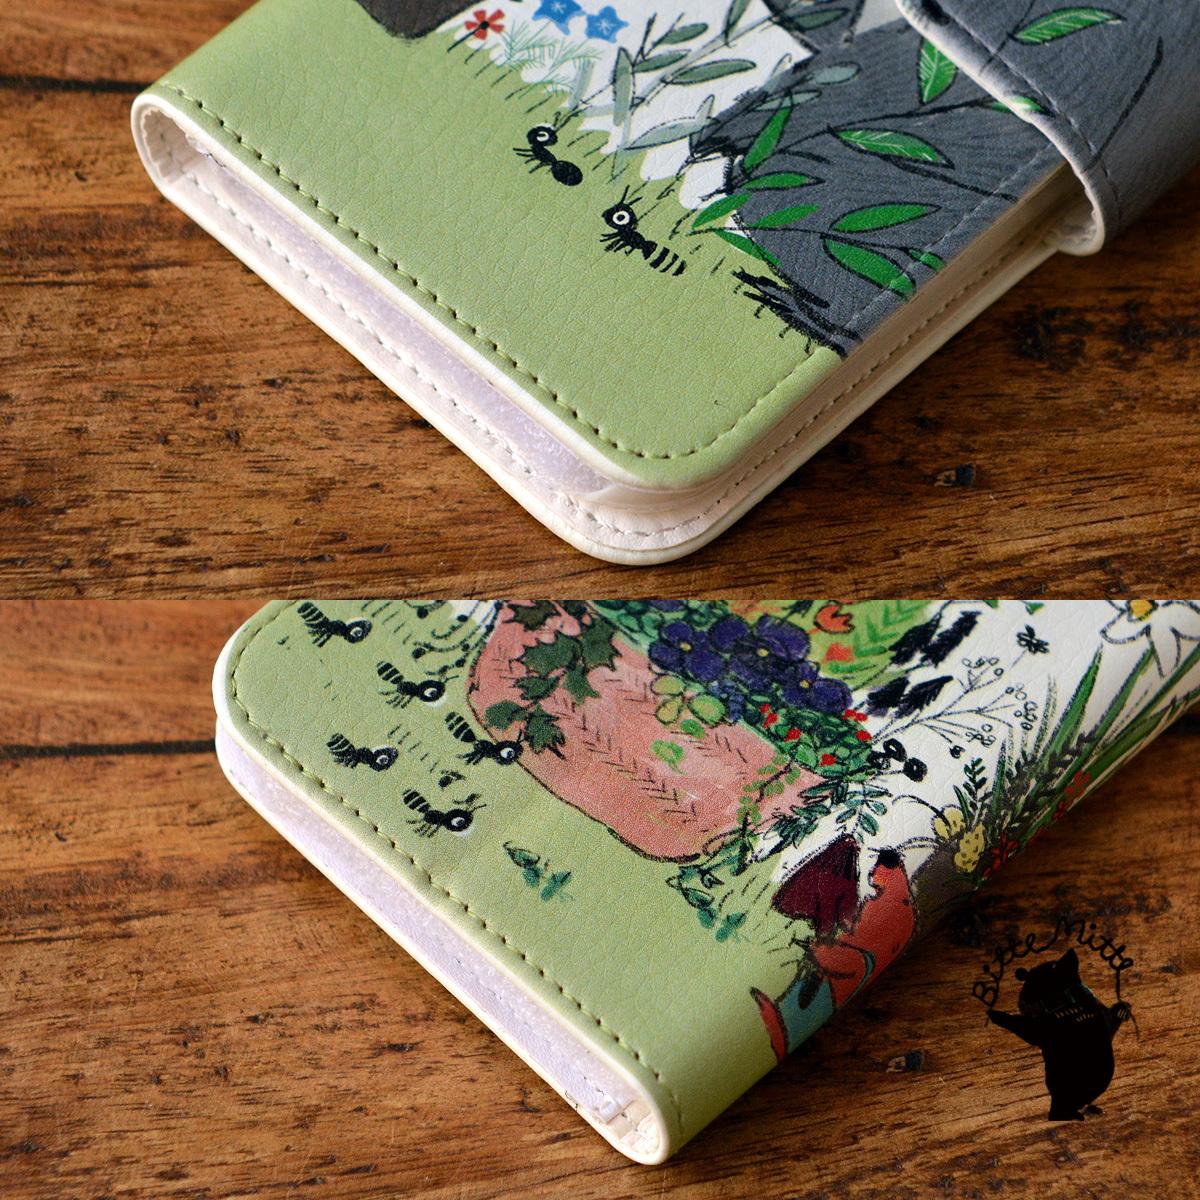 【訳あり】アイフォン6s ケース 手帳型 かわいい iphone6s ケース 手帳 大人かわいい iphone6s ケース 手帳 シンプル かわいい 森のガーデニング/Bitte Mitte!【bm-iph6t-10089-B1】